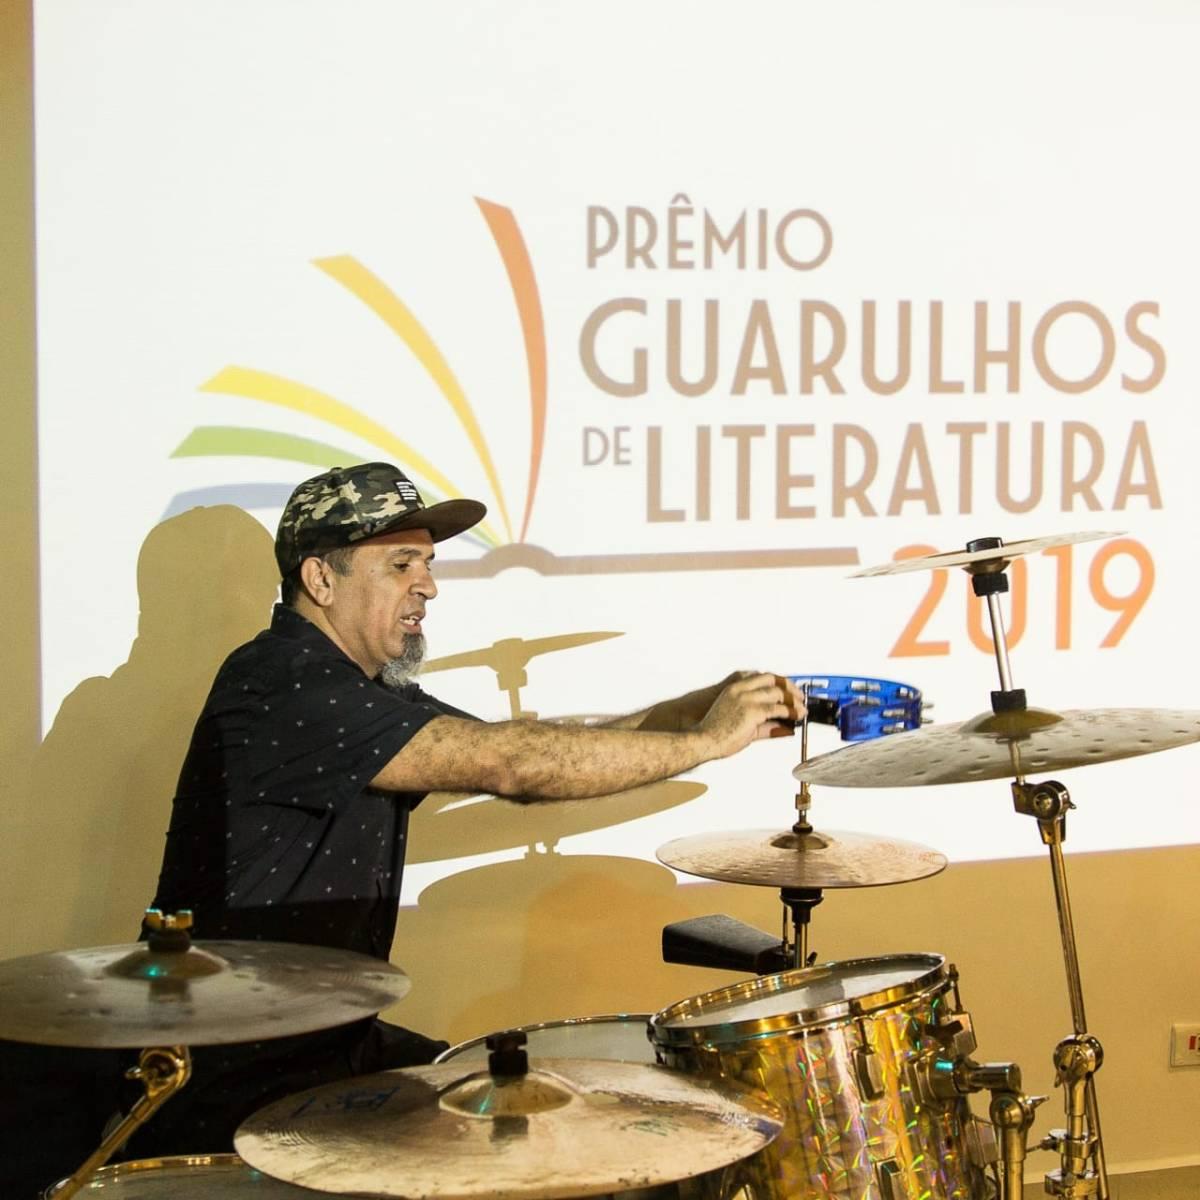 Prêmio Guarulhos deLiteratura